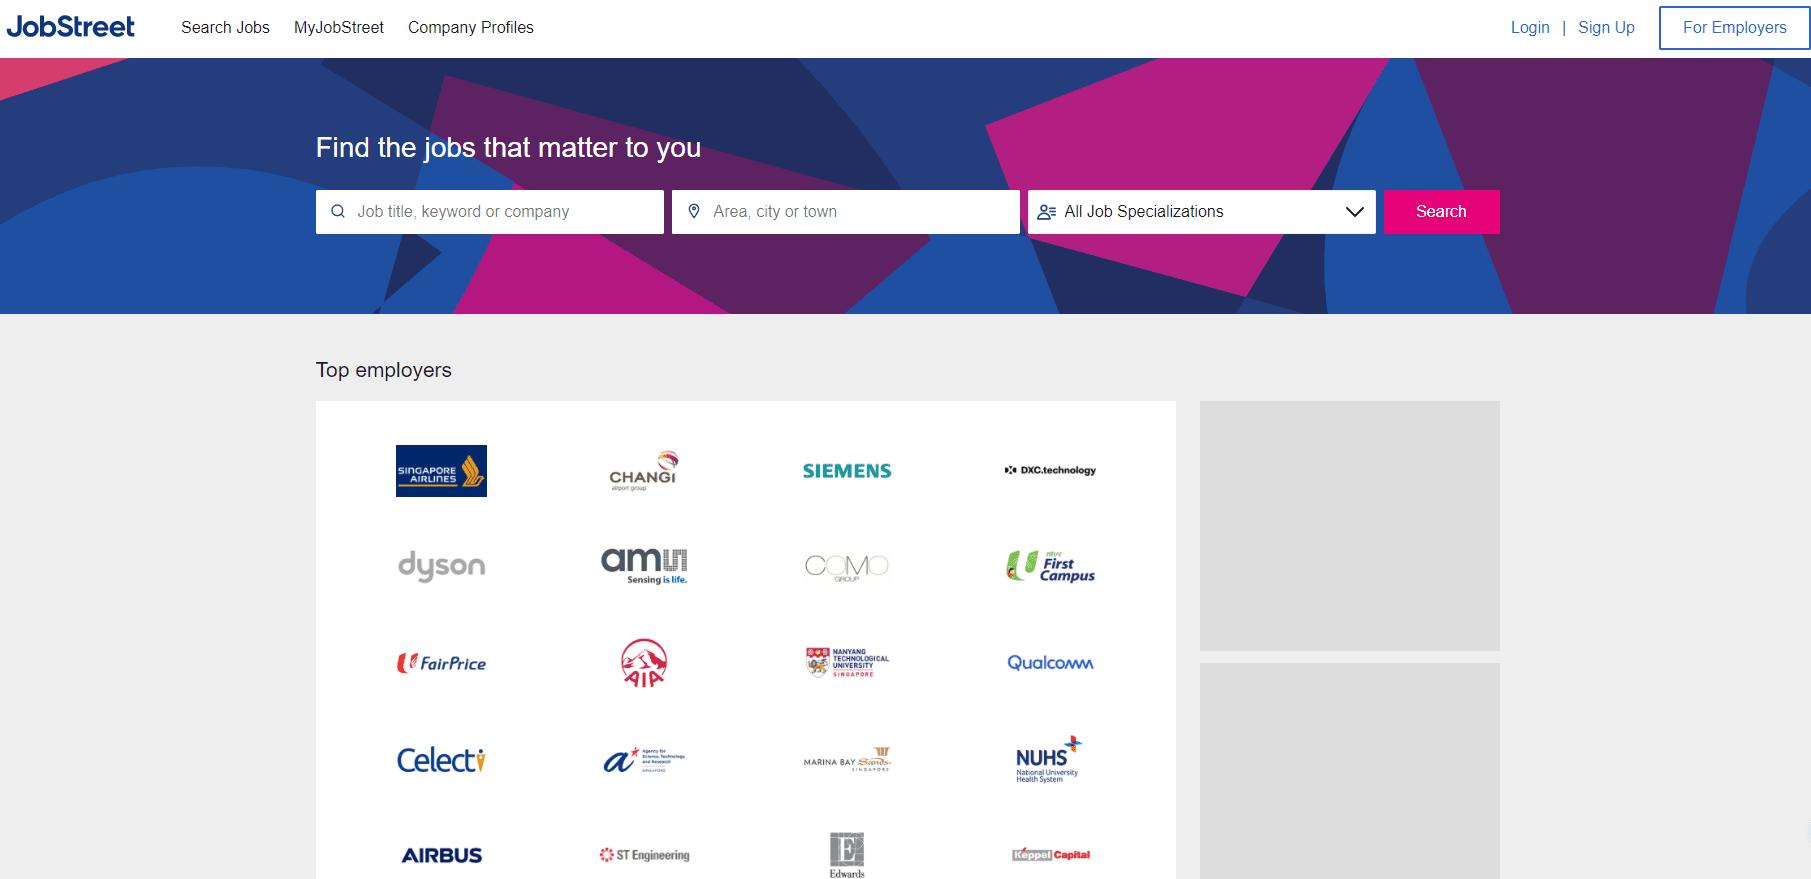 Ultimate Job Posting Guide: Top 21 Job Sites in Singapore